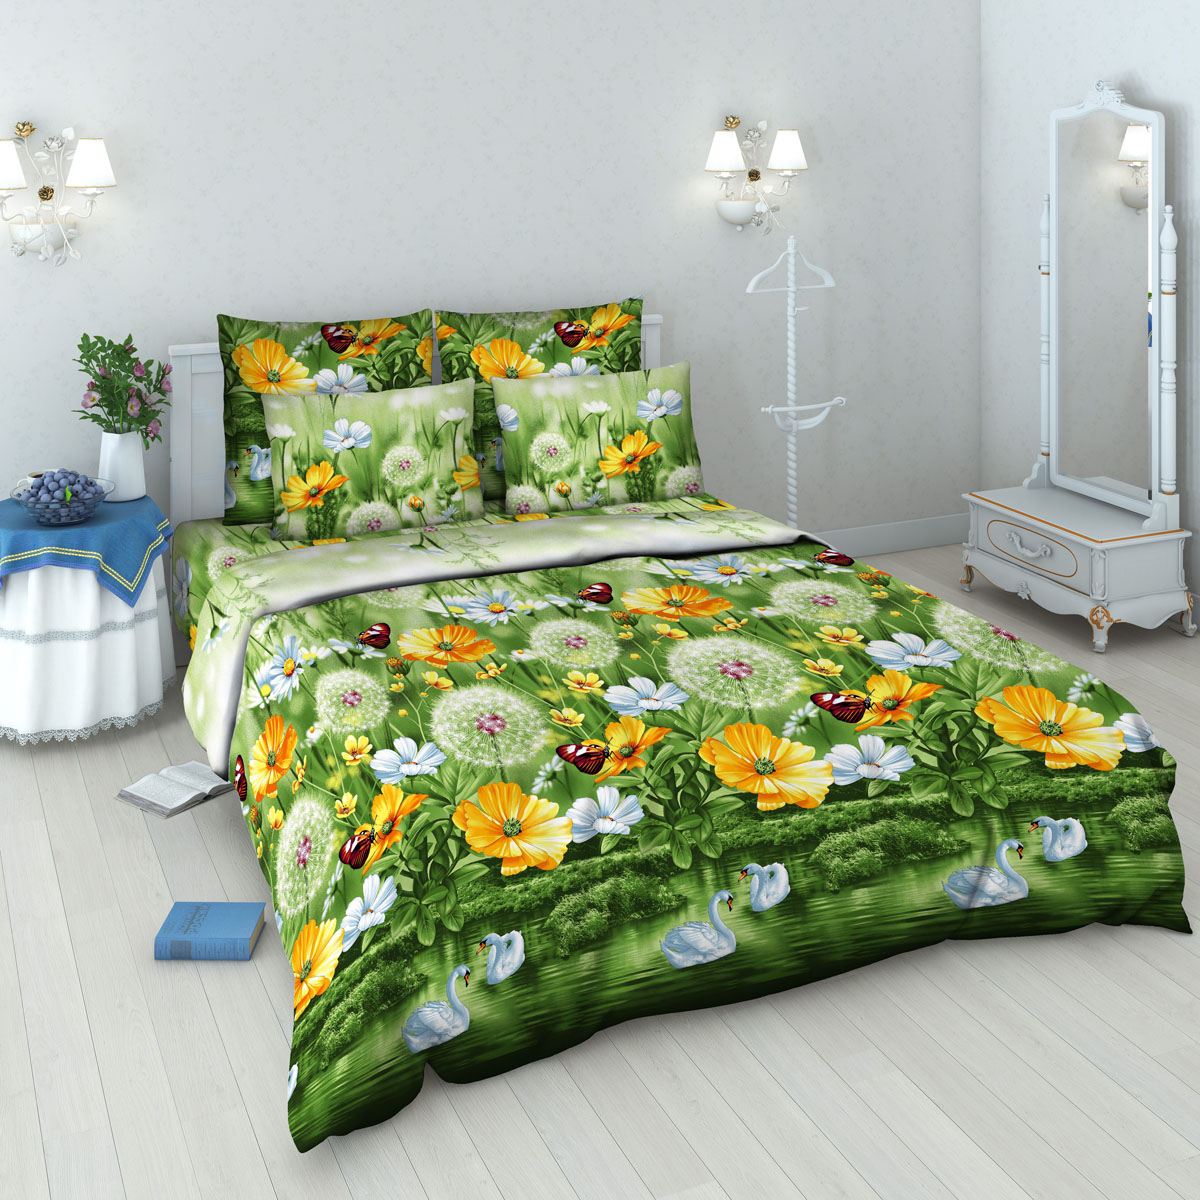 Комплект белья Василиса, 1,5-спальный, наволочки 70х70, цвет: зеленый. 4040_1/1,54040_1/1,5Комплект постельного белья Василиса состоит из пододеяльника, простыни и двух наволочек. Белье изготовлено из бязи (100% хлопка) - гипоаллергенного, экологичного, высококачественного, крупнозакрученного волокна. Использование особо тонкой пряжи делает ткань мягче на ощупь, обеспечивает легкое глажение и позволяет передать всю насыщенность цветовой гаммы. Благодаря более плотному переплетению нитей и использованию высококачественных импортных красителей постельное белье выдерживает до 70 стирок. На ткани не образуются катышки. Способ застегивания наволочки - клапан, пододеяльника - отверстие без застежки по краю изделия с подвернутым краем.Приобретая комплект постельного белья Василиса, вы можете быть уверены в том, что покупка доставит вам удовольствие и подарит максимальный комфорт.